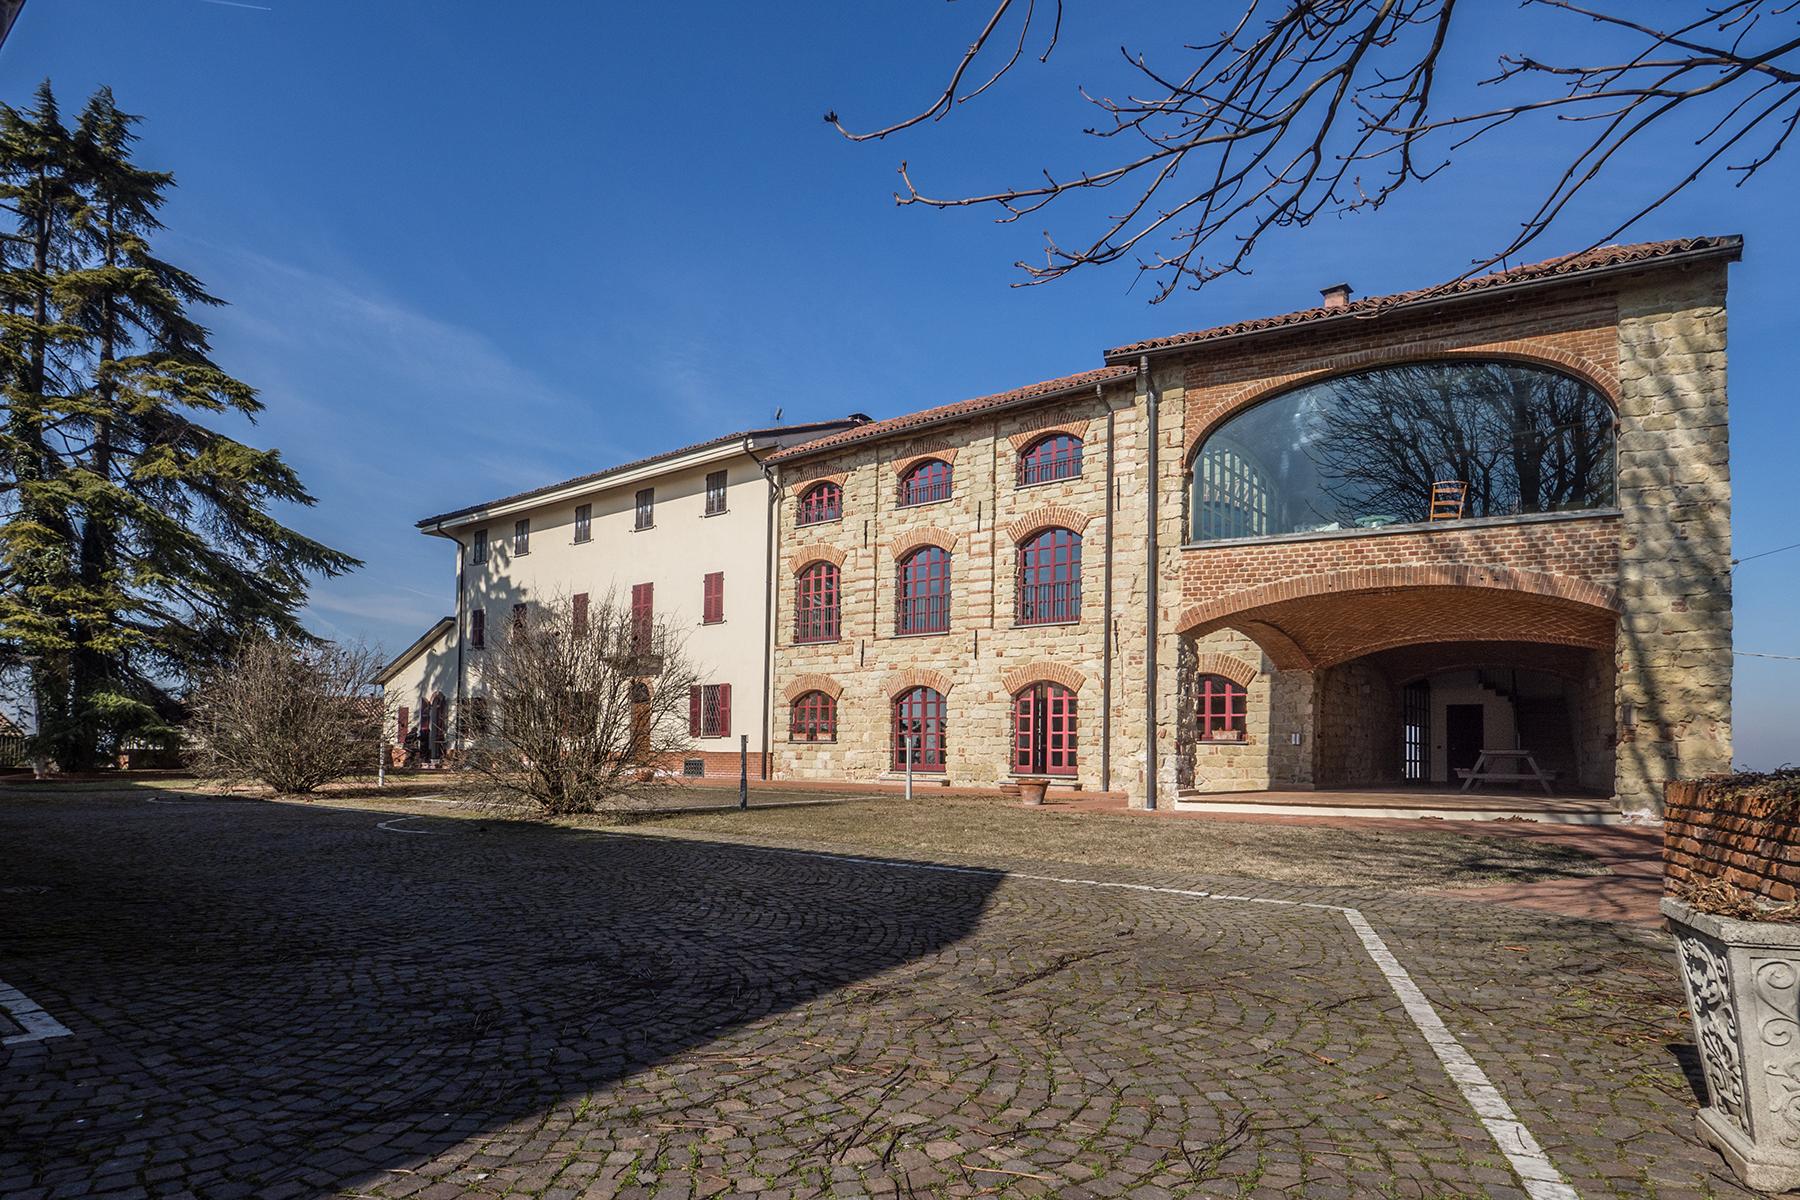 Rustico in Vendita a Vignale Monferrato: 5 locali, 1400 mq